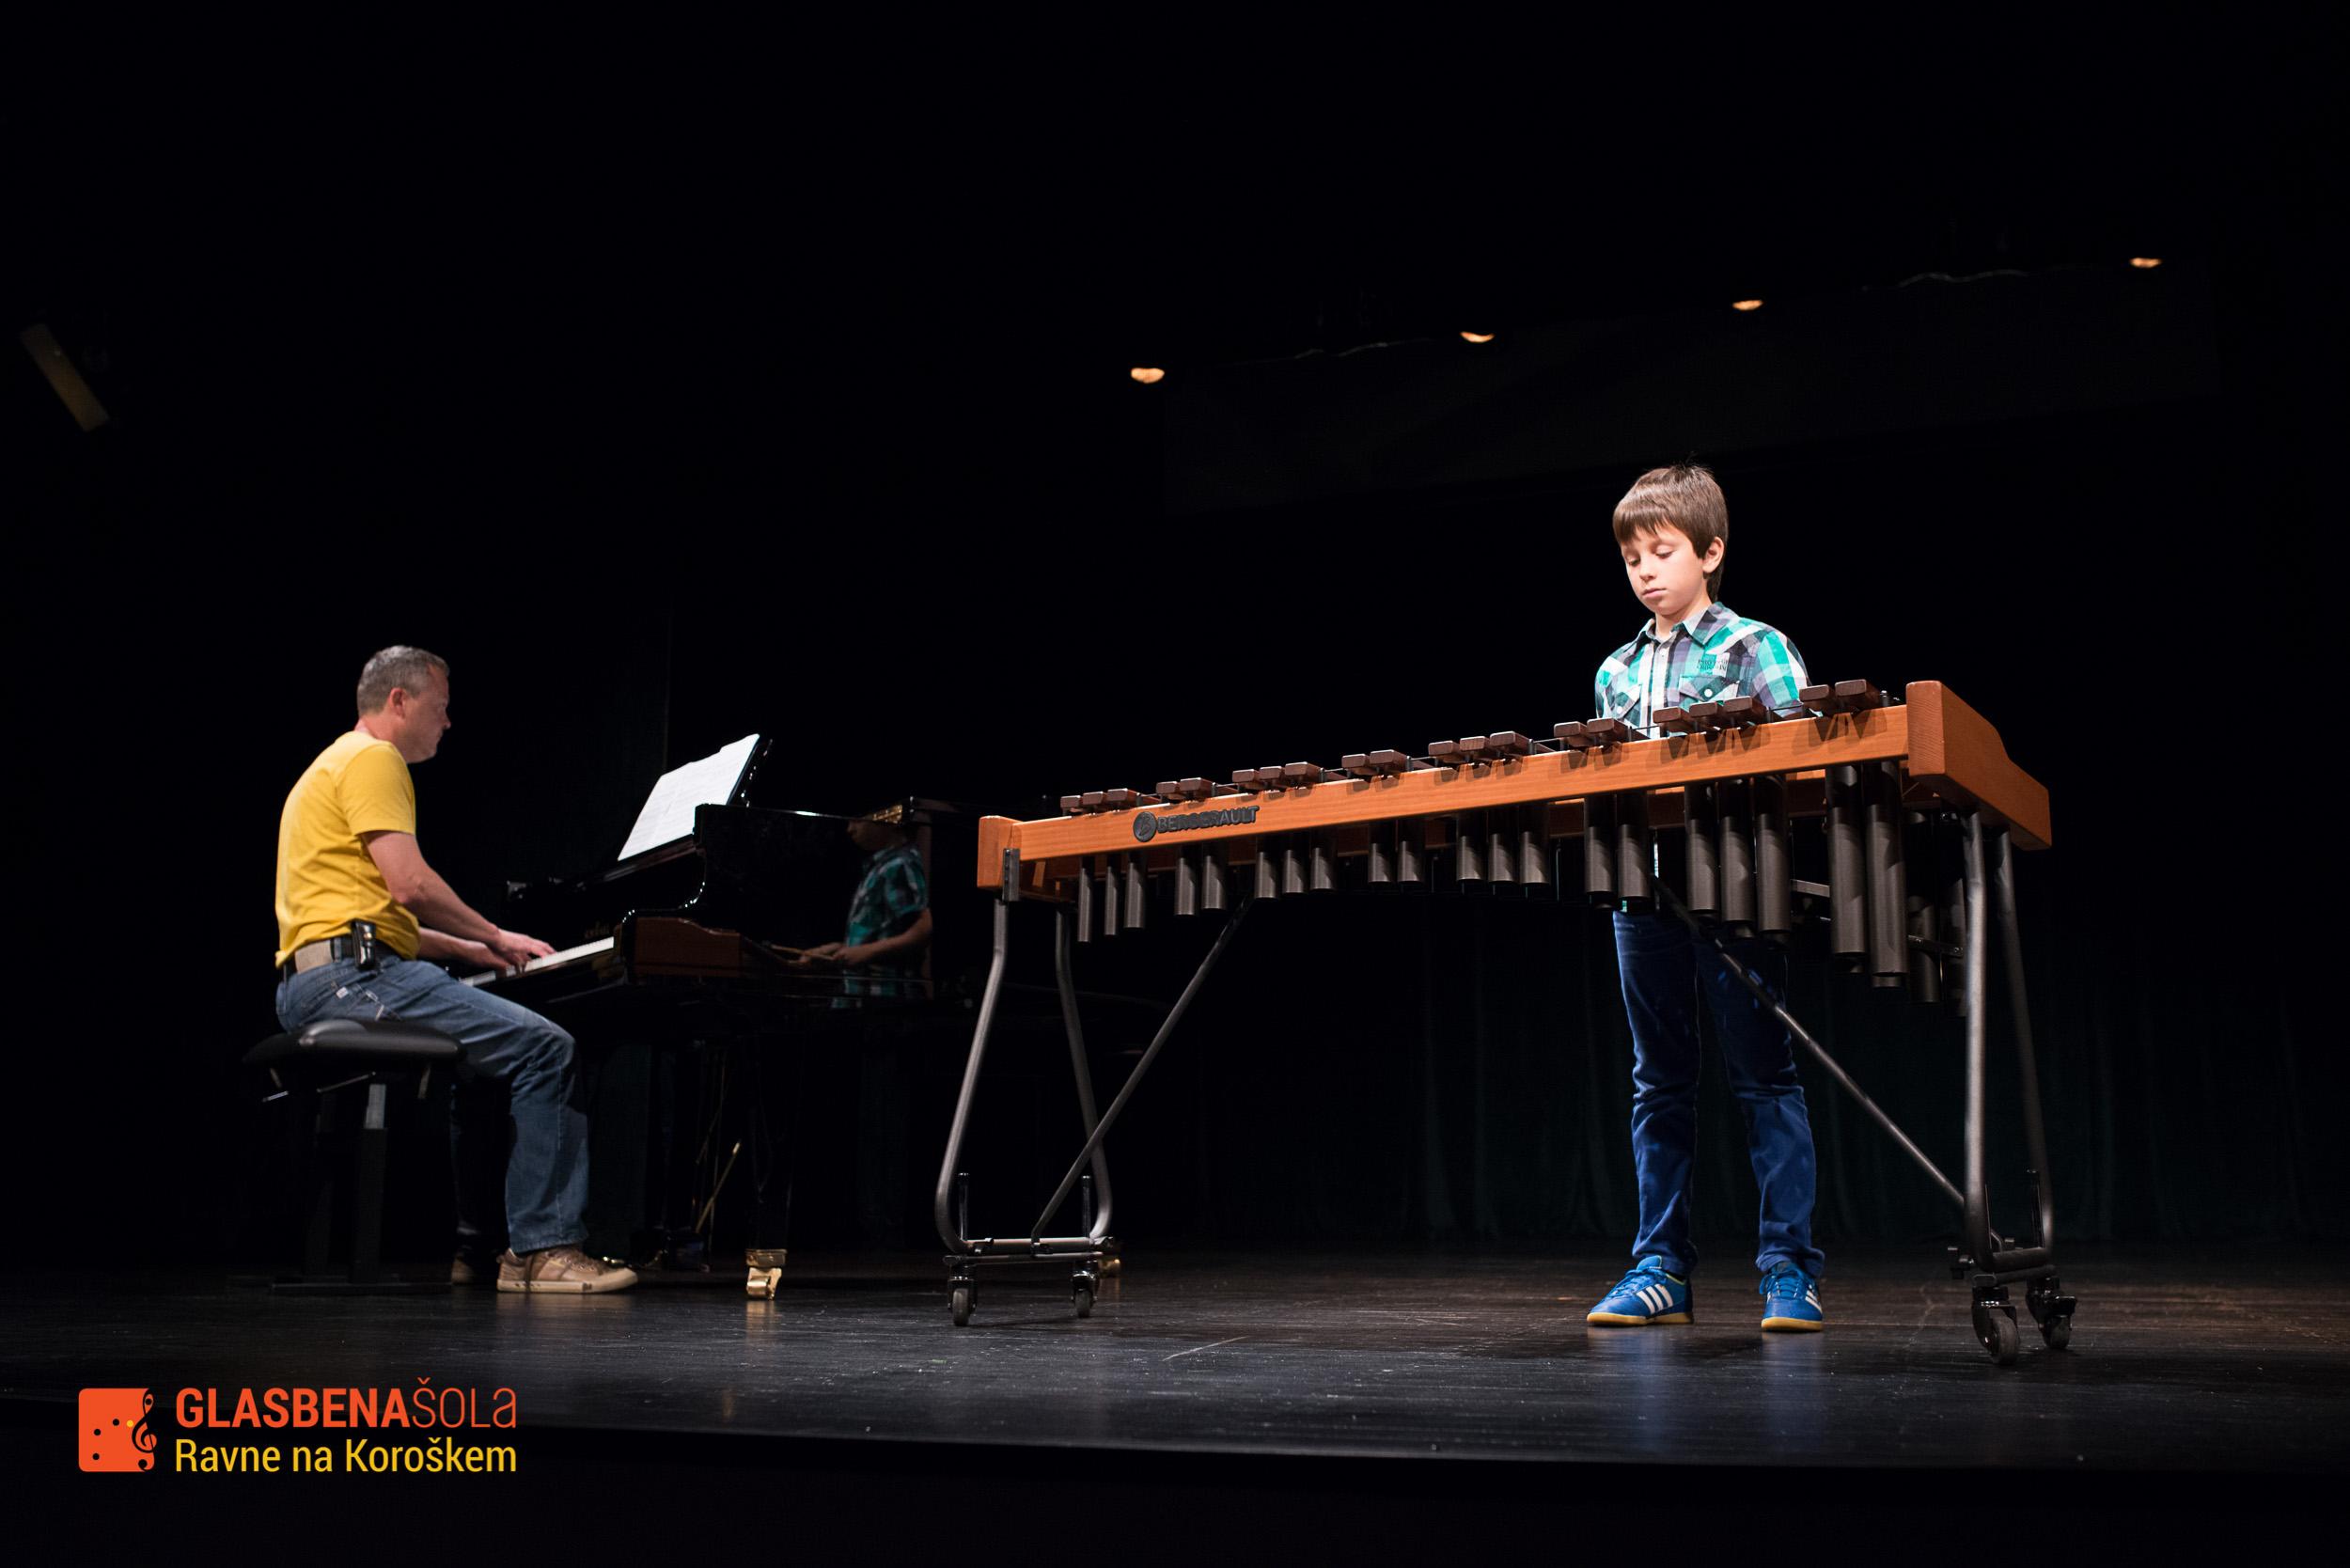 koncert-08-11-2014-17